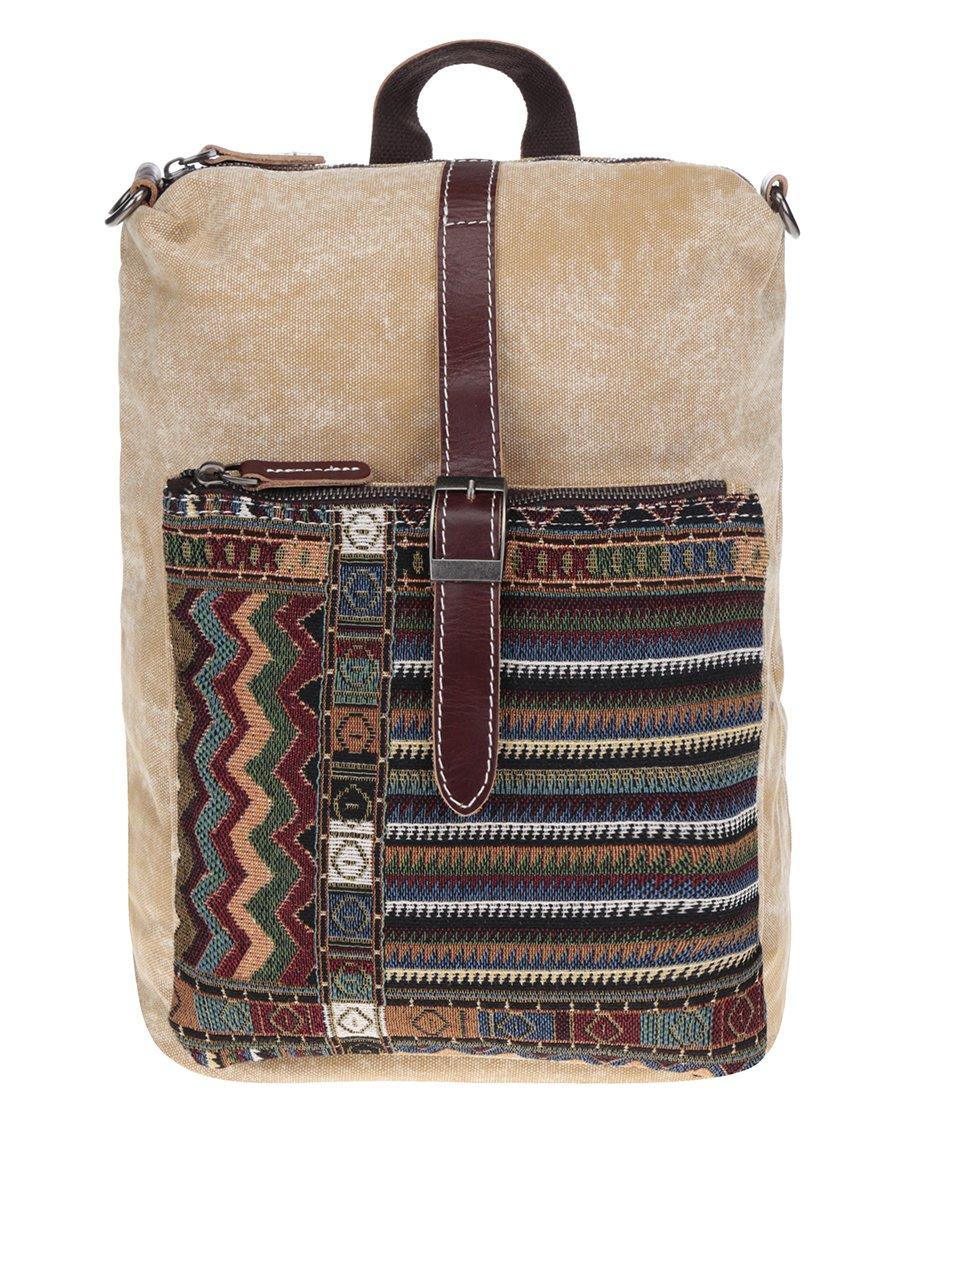 Béžový dámský batoh se vzorovanou kapsou Urban Bag